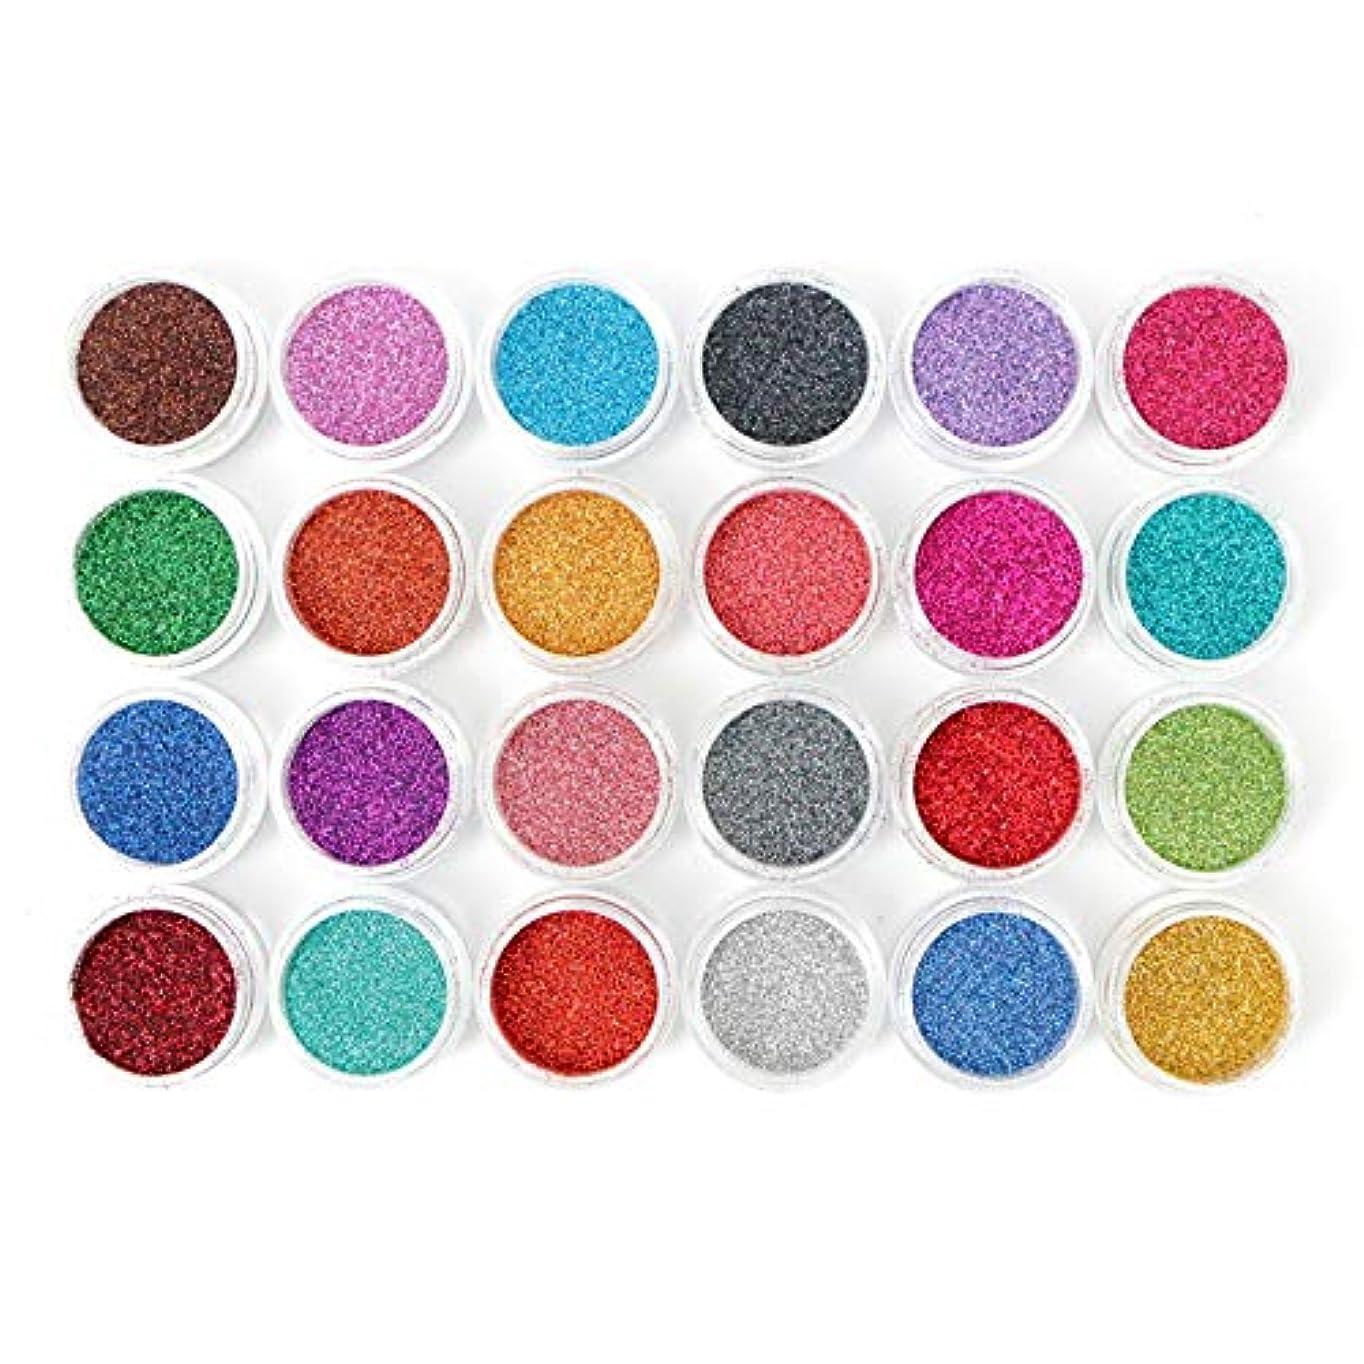 更新チョップ領収書[LALONA] ラメパウダー (微粒子タイプ)(24色セット) グリッター定番カラー (0.1mm)